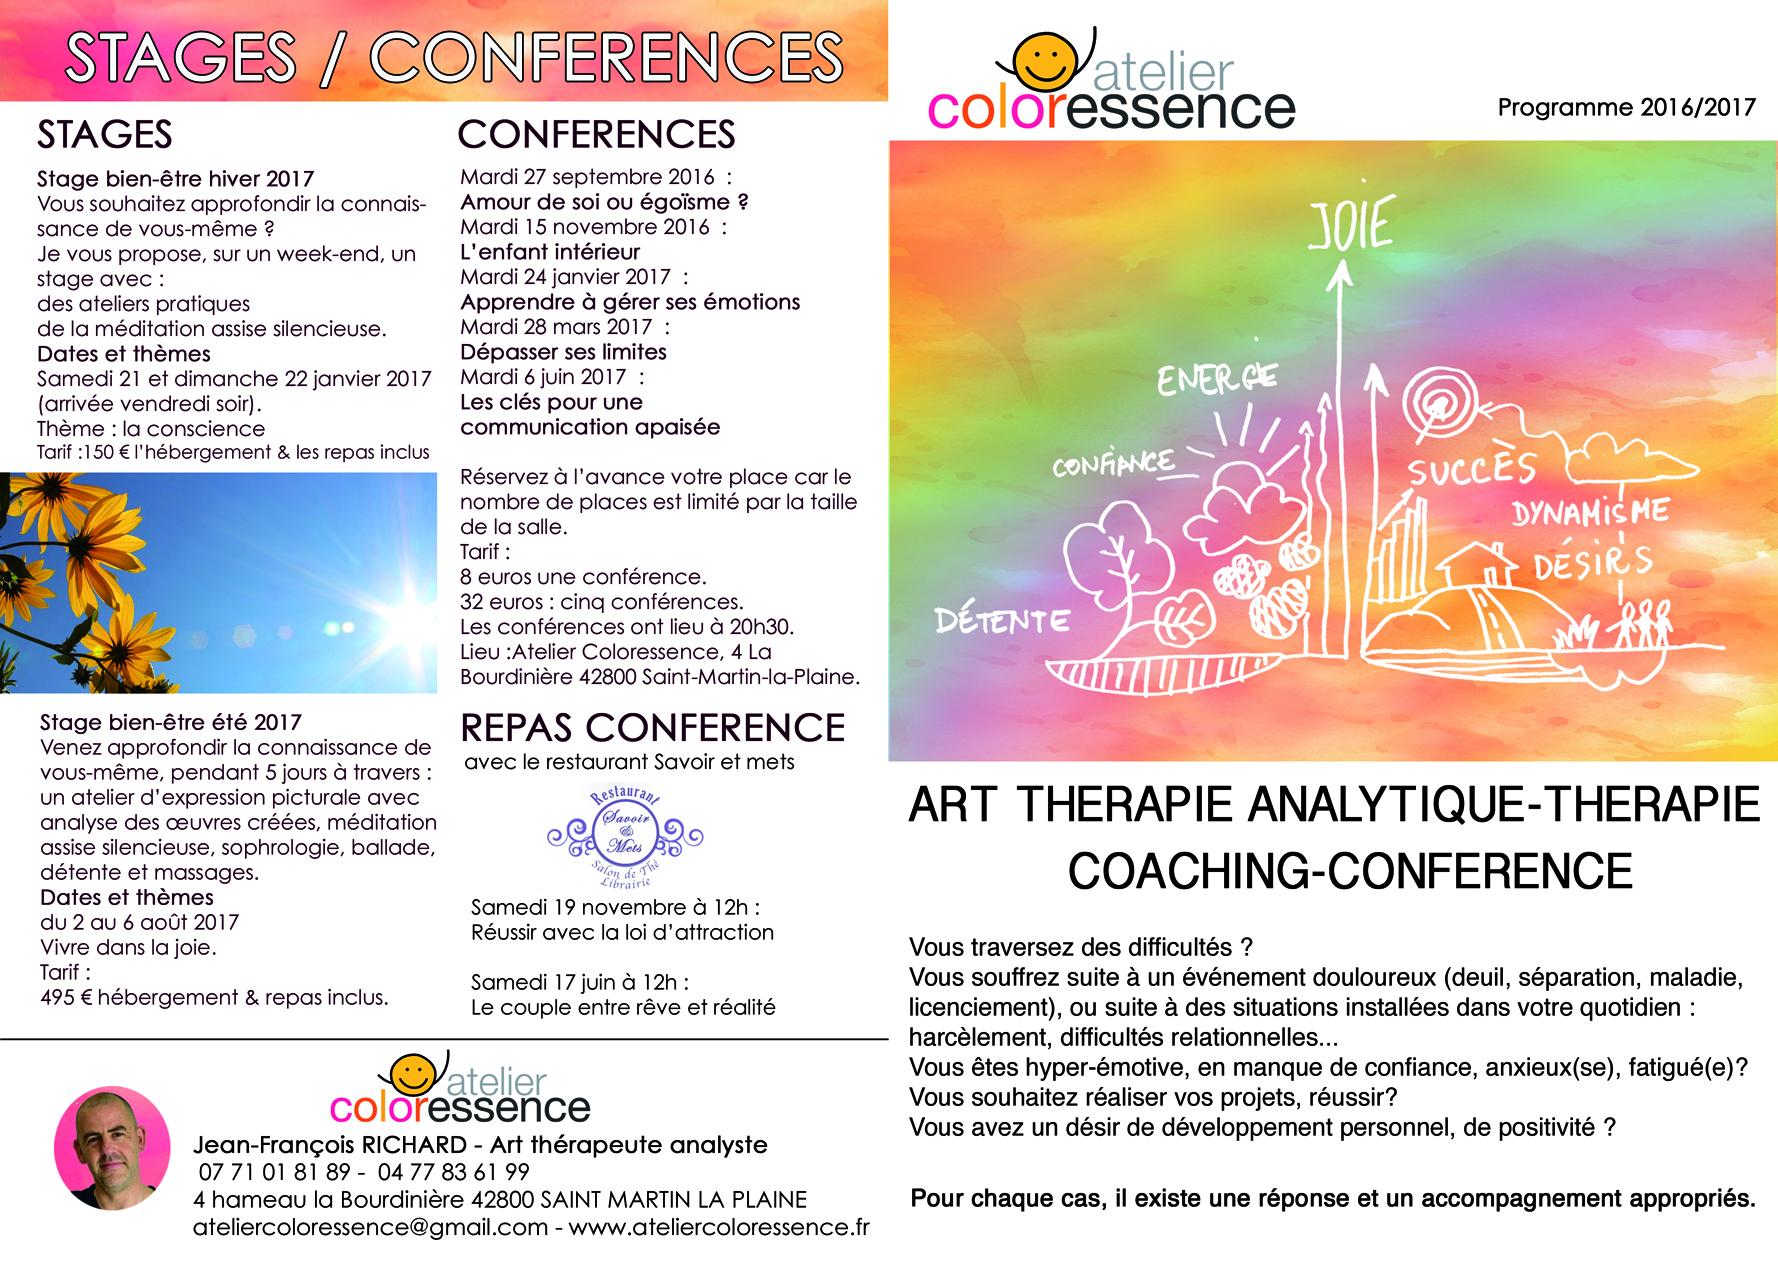 Couverture plaquette 2016-2017 atelier Coloressence